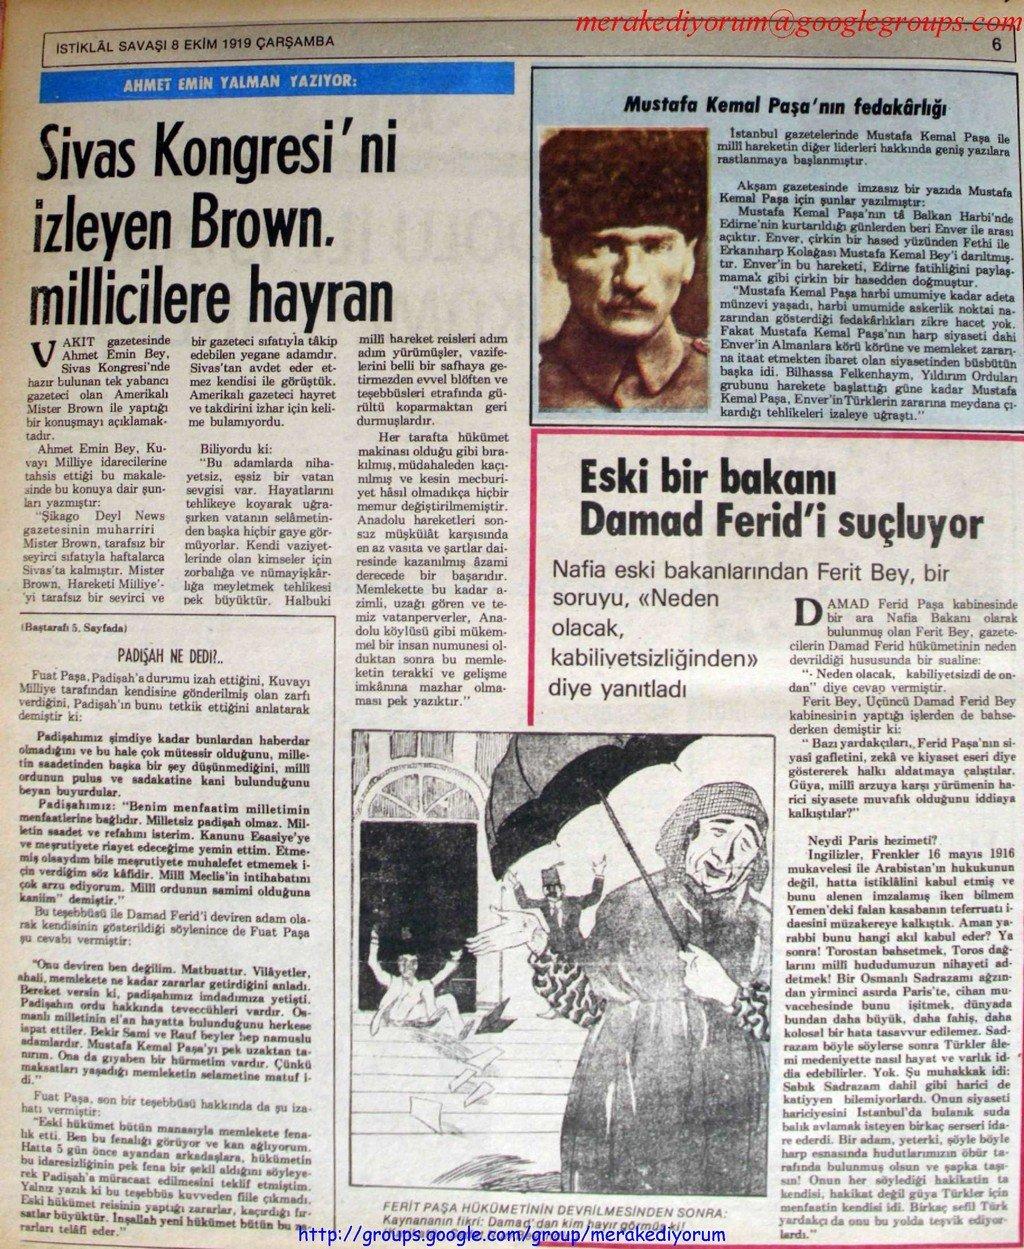 istiklal savaşı gazetesi - 8 ekim 1919